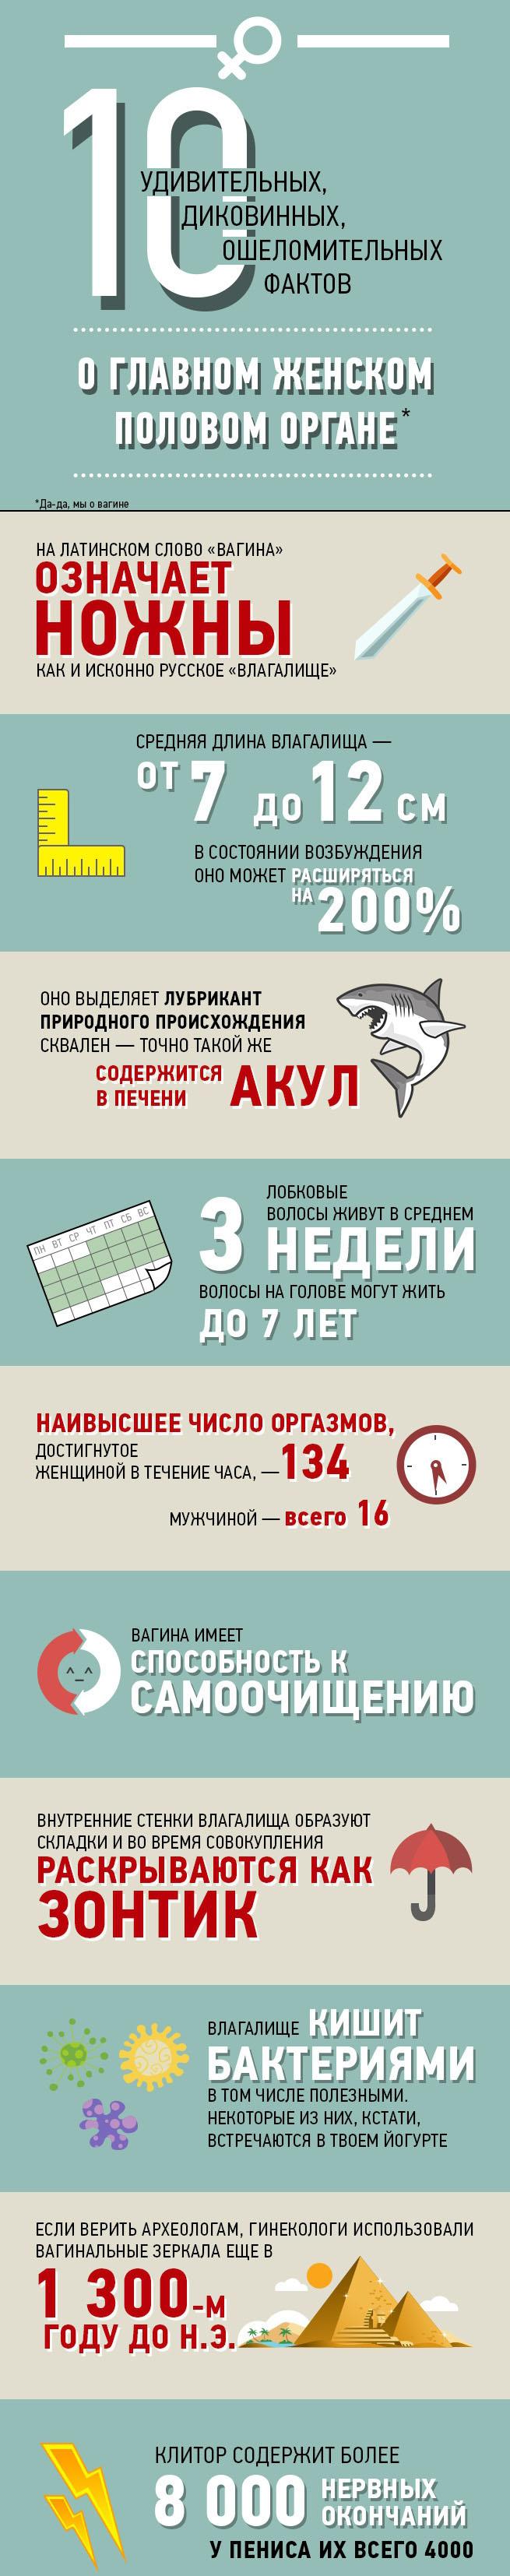 10 любопытных фактов о влагалище (картинка)